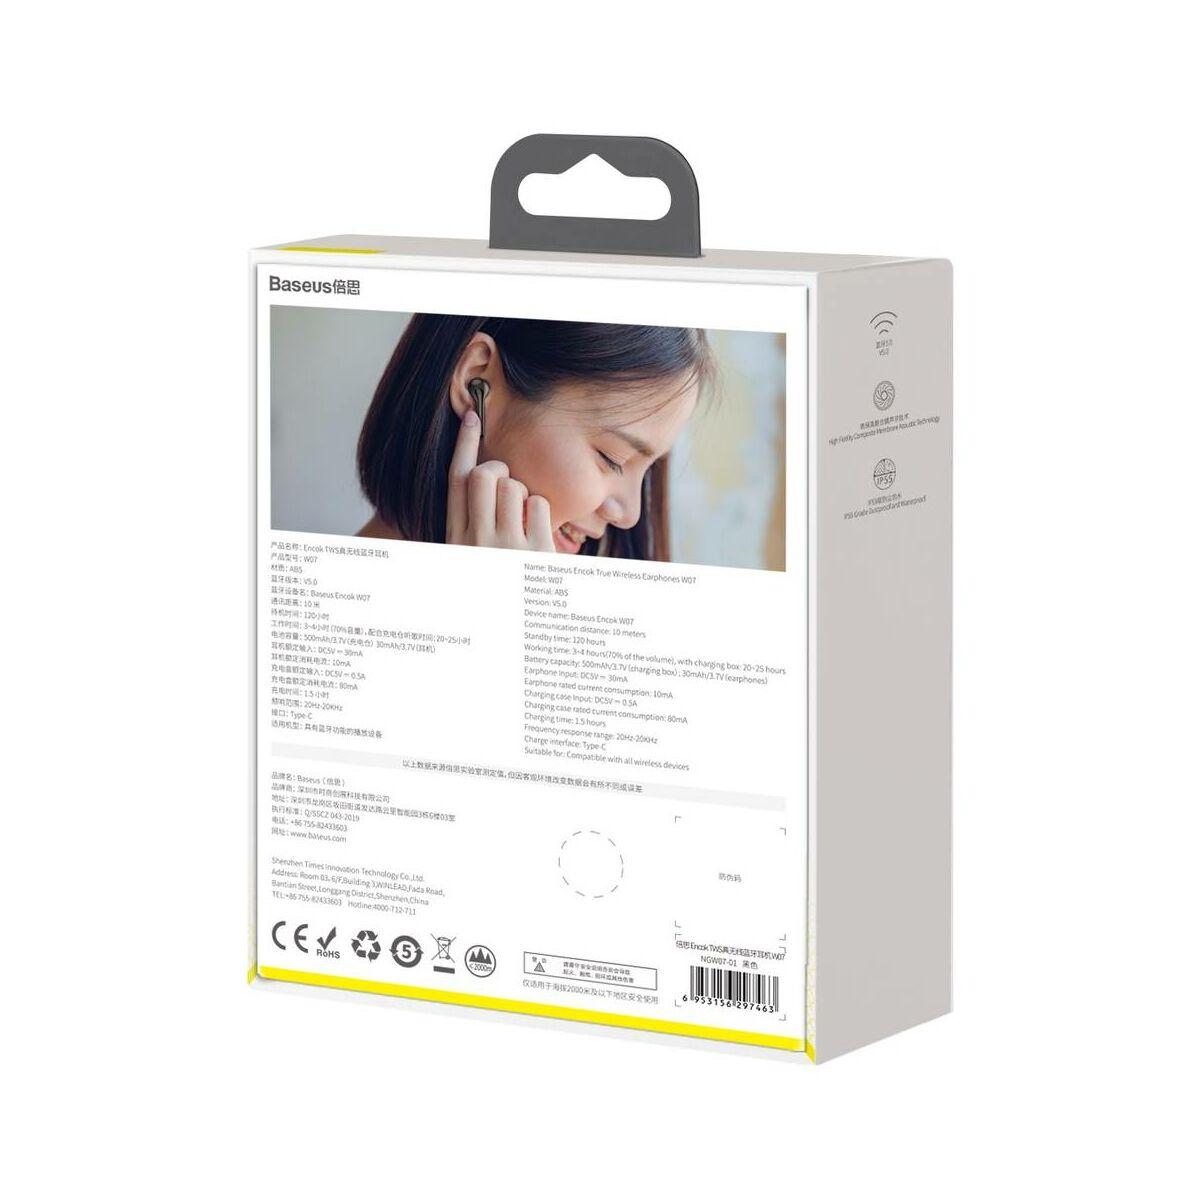 Baseus fülhallgató, Bluetooth Encok W07, True Wireless, vezeték nélküli, dual mikrofon BT 5.0 TWS, fekete (NGW07-01)